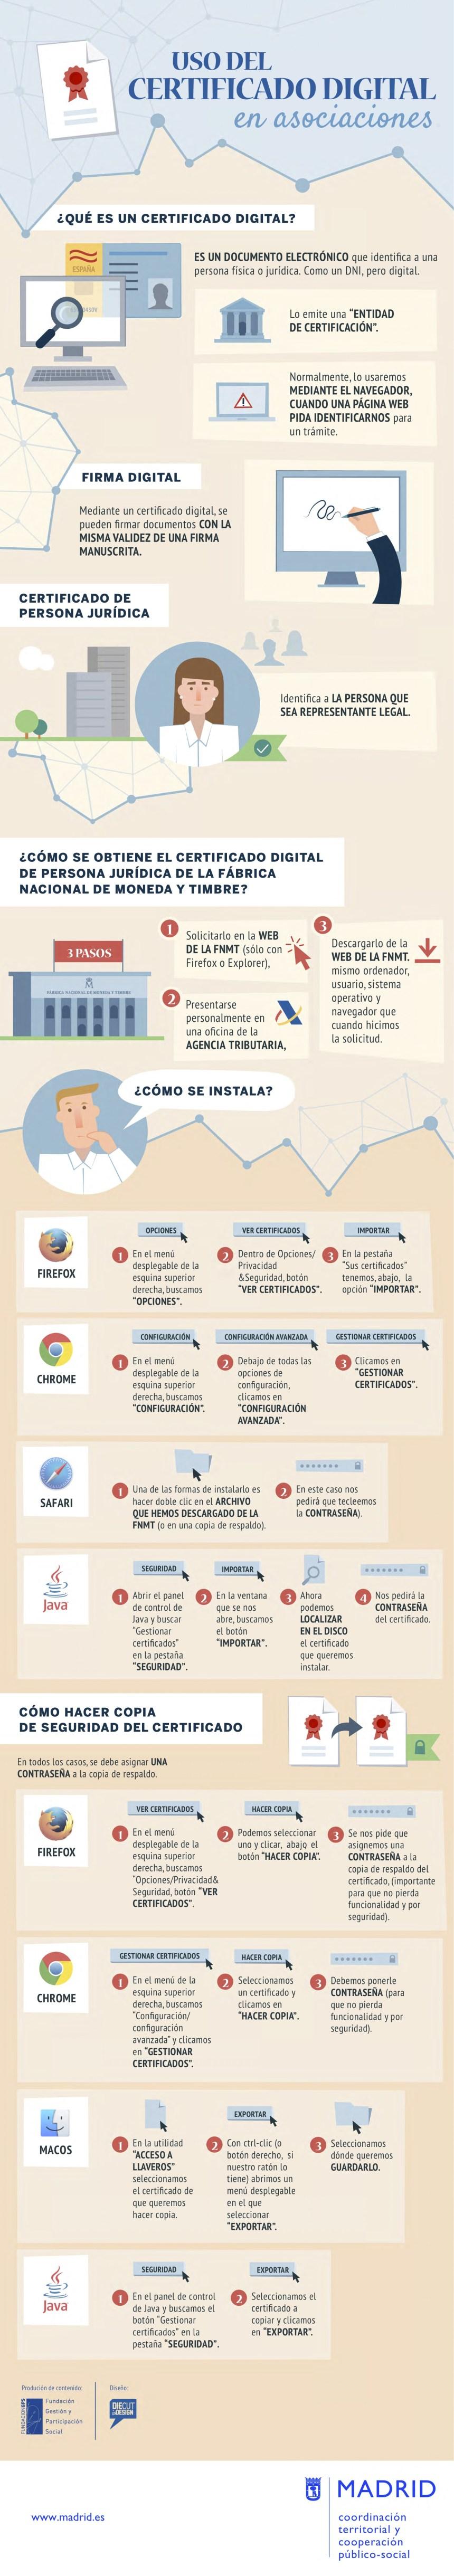 Uso del Certificado Digital en Asociaciones #infografia #infographic